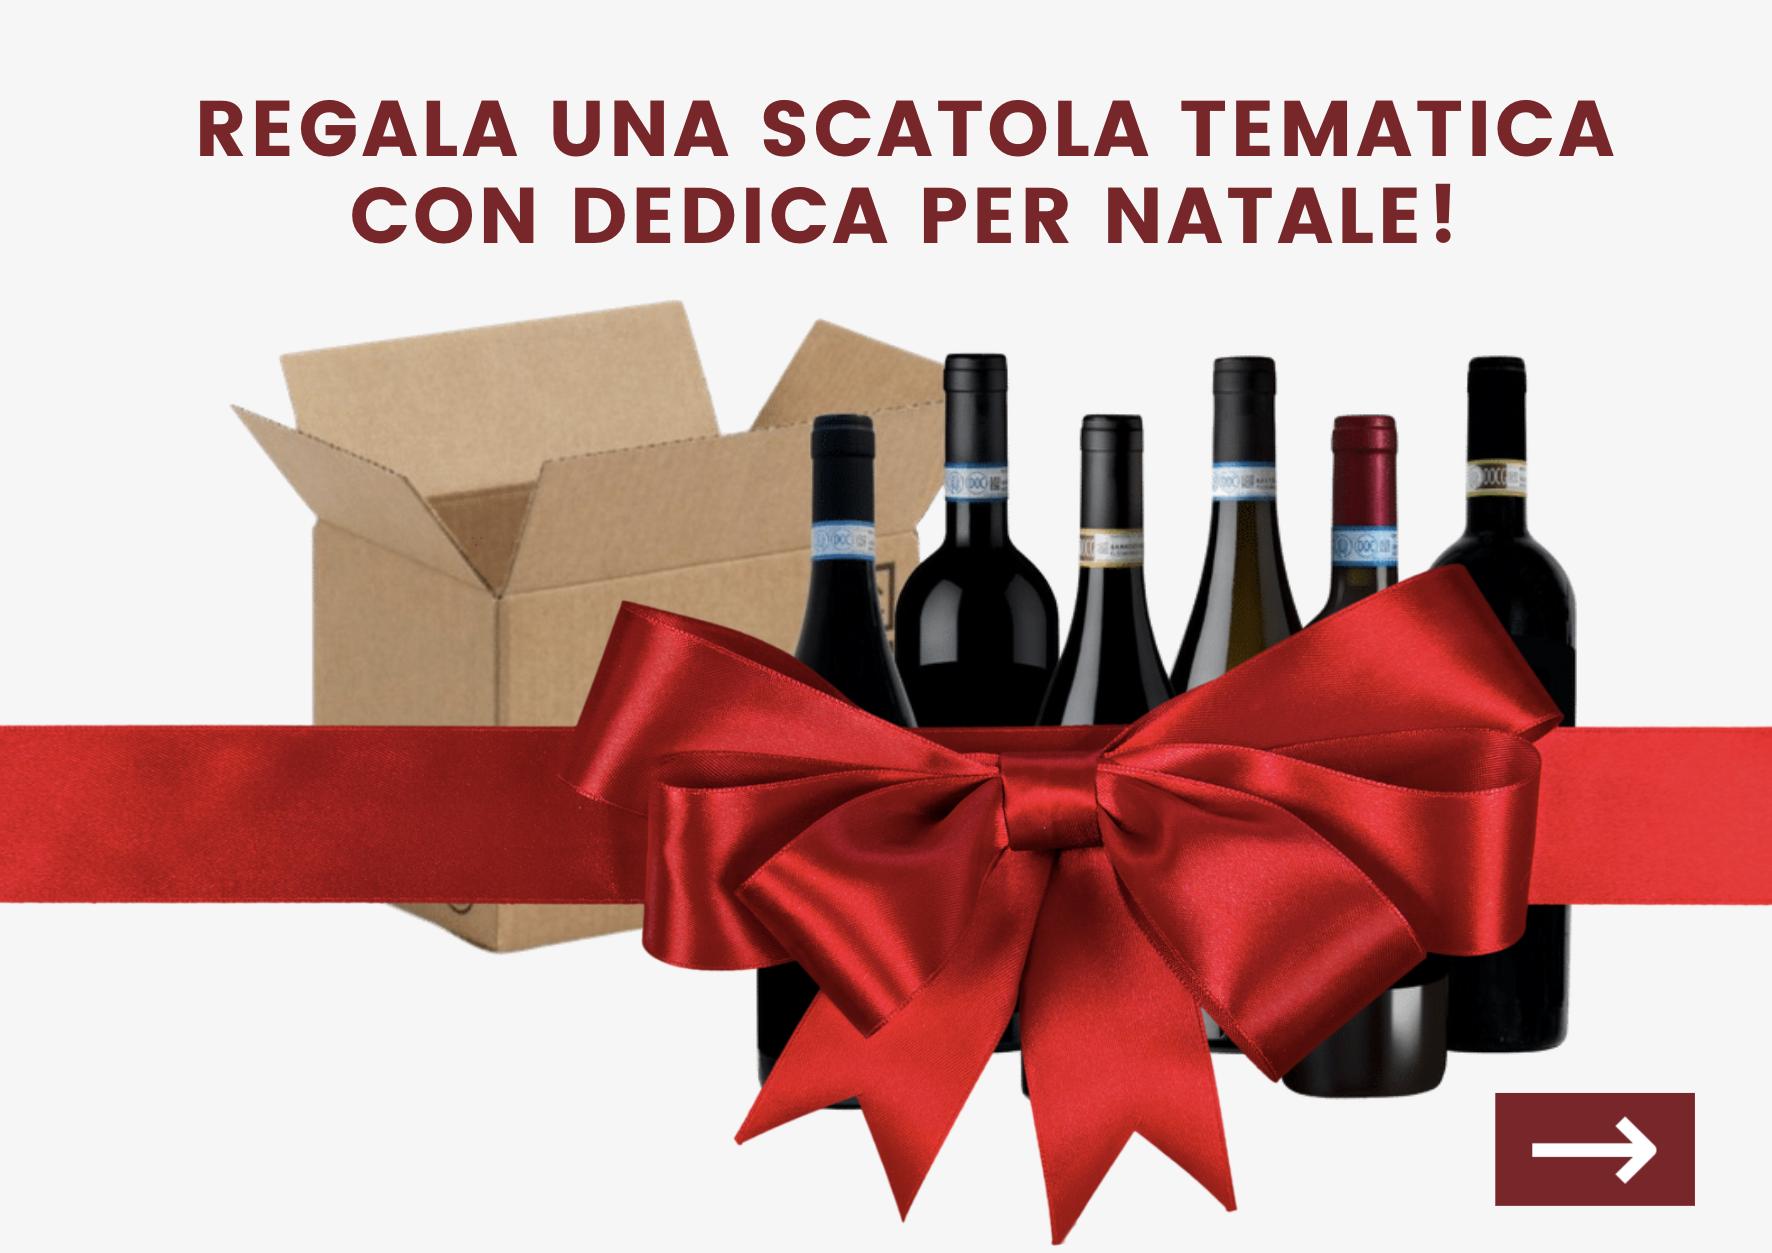 Regala una scatola tematica per Natale - Shop Consorzio Tutela Vini Montefalco